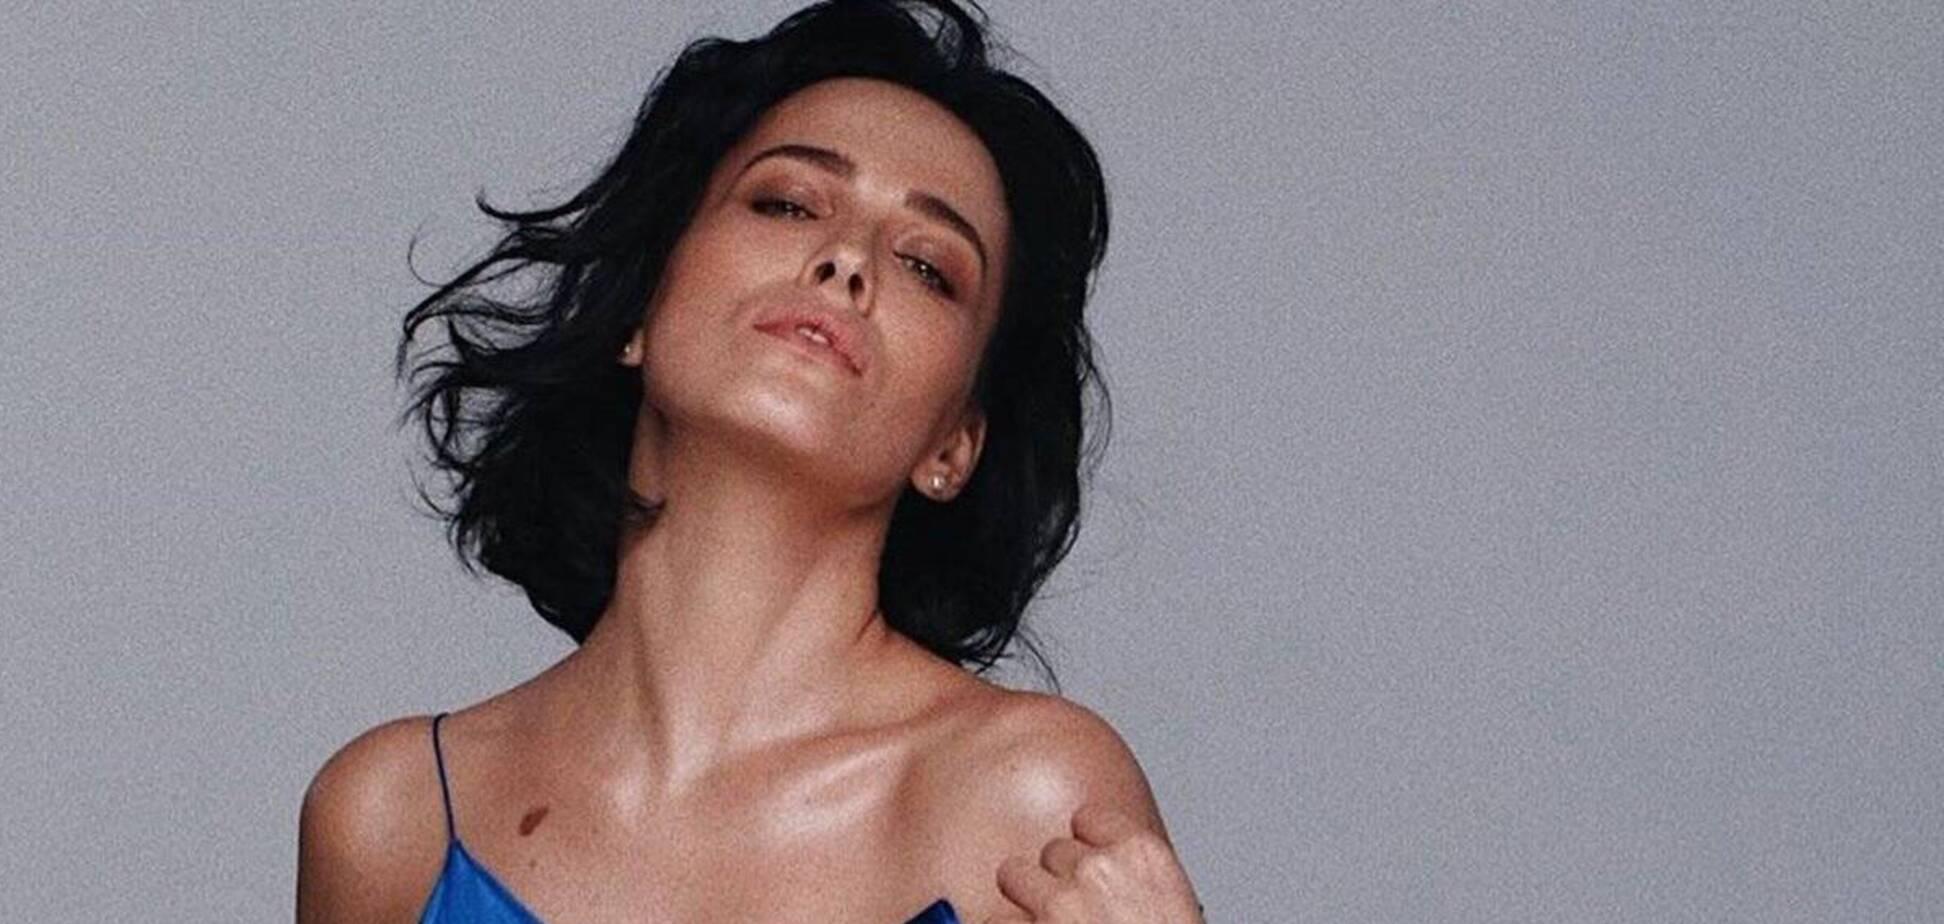 Даша Астафьева похвасталась стройной фигурой в купальнике